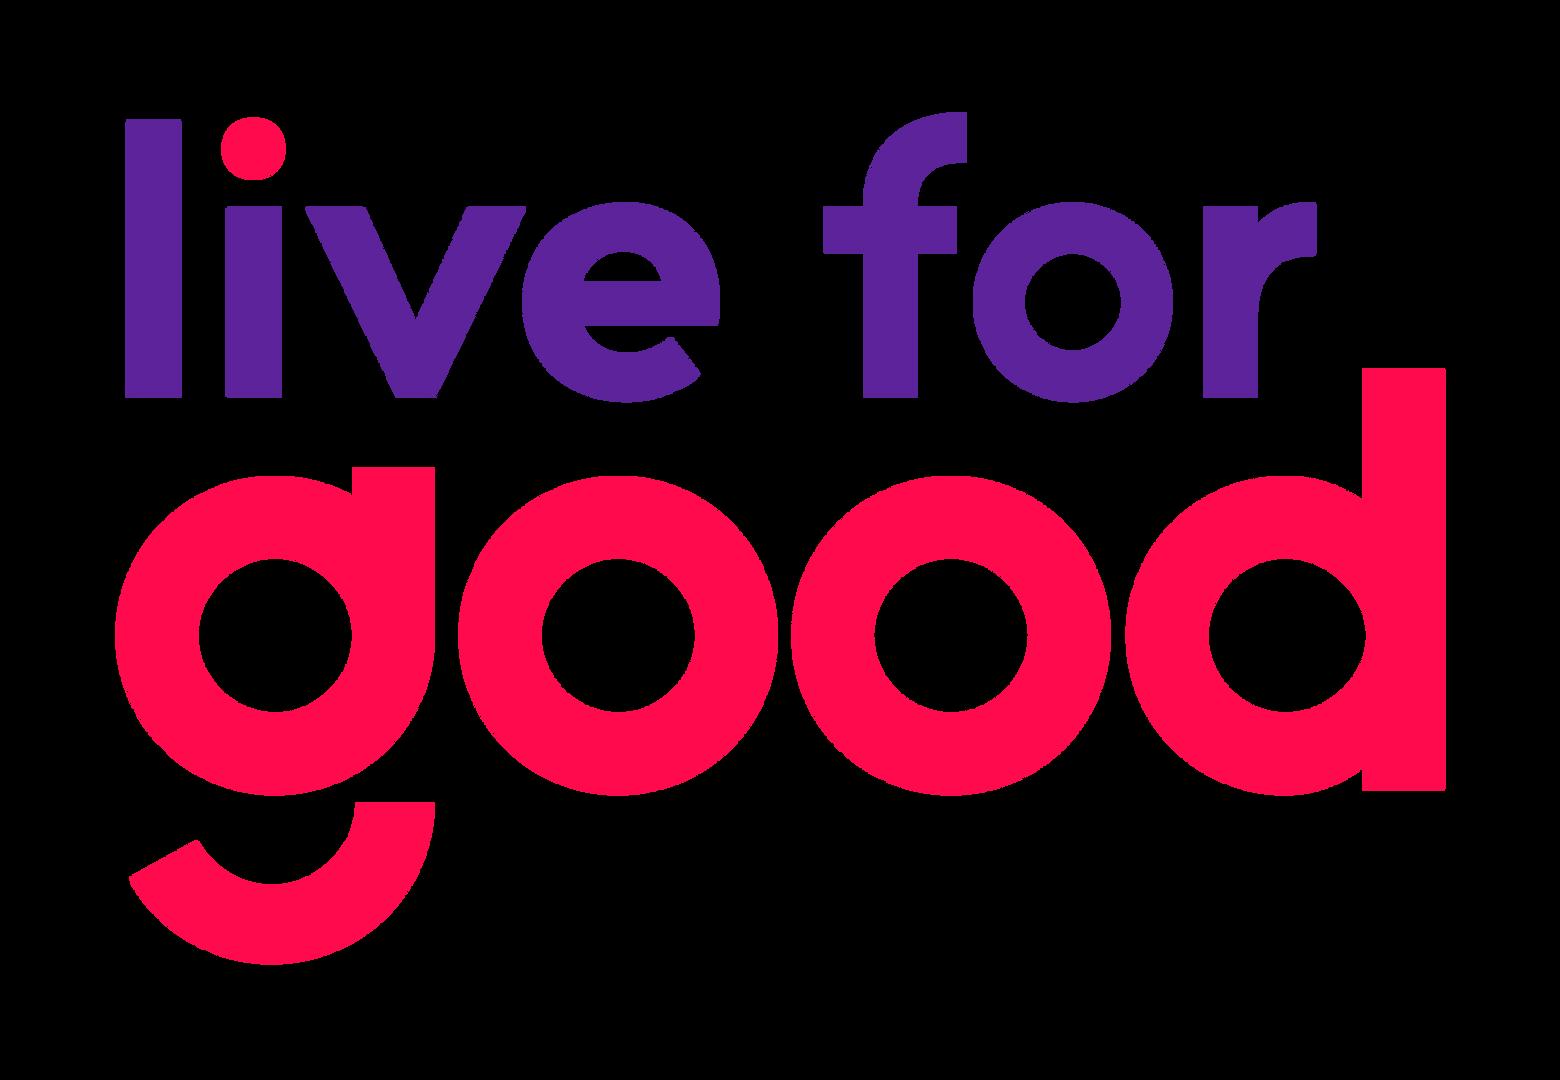 LiveForGood_RVB.png